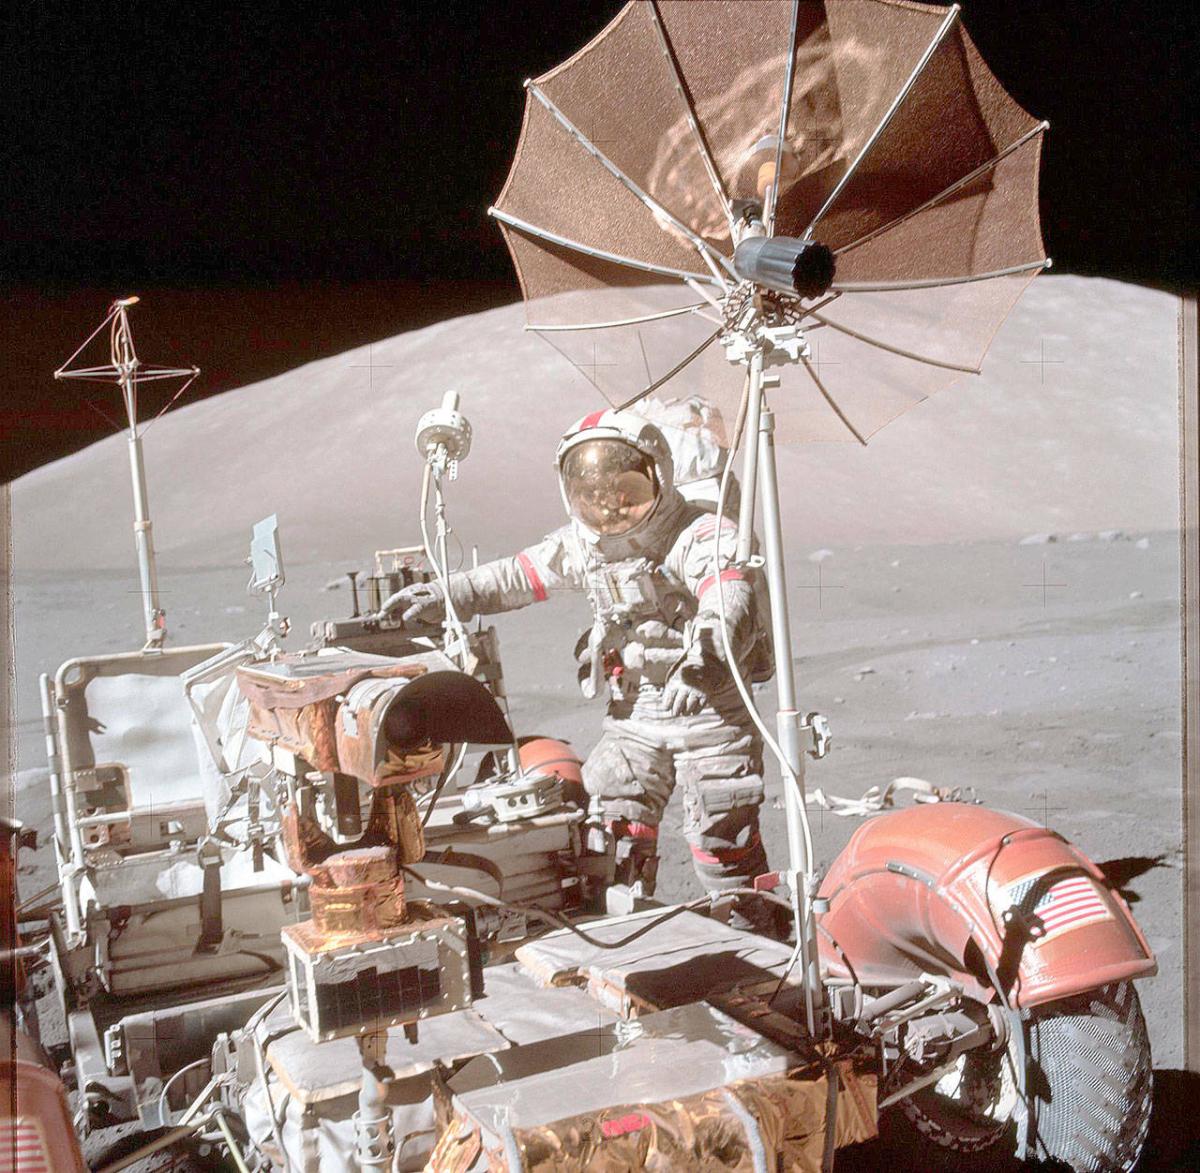 Apollo 15 sur la Lune : l'exploration à son sommet